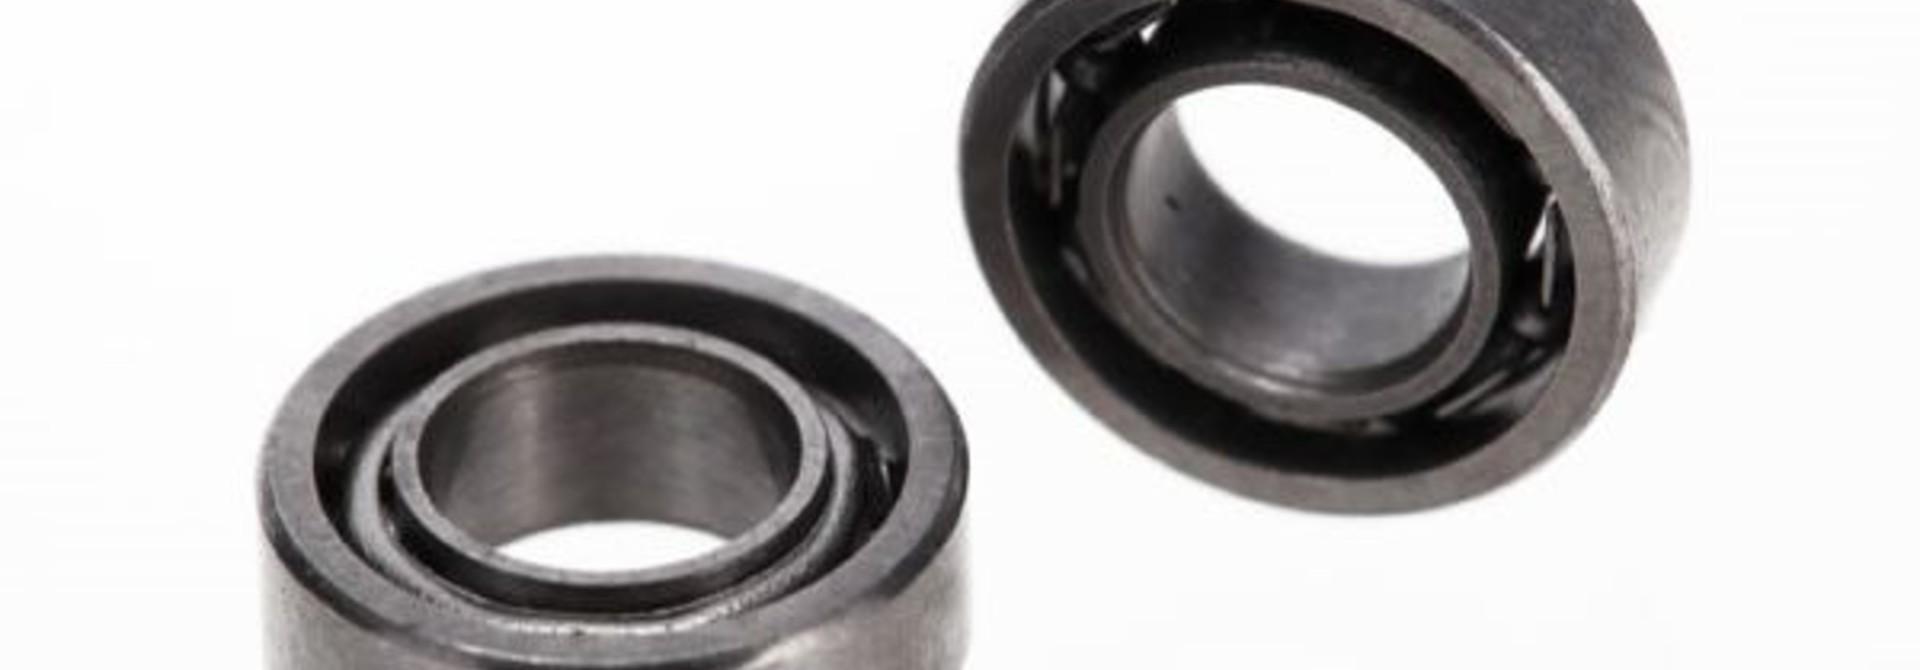 Bearings, Main Shaft (2), TRX6347